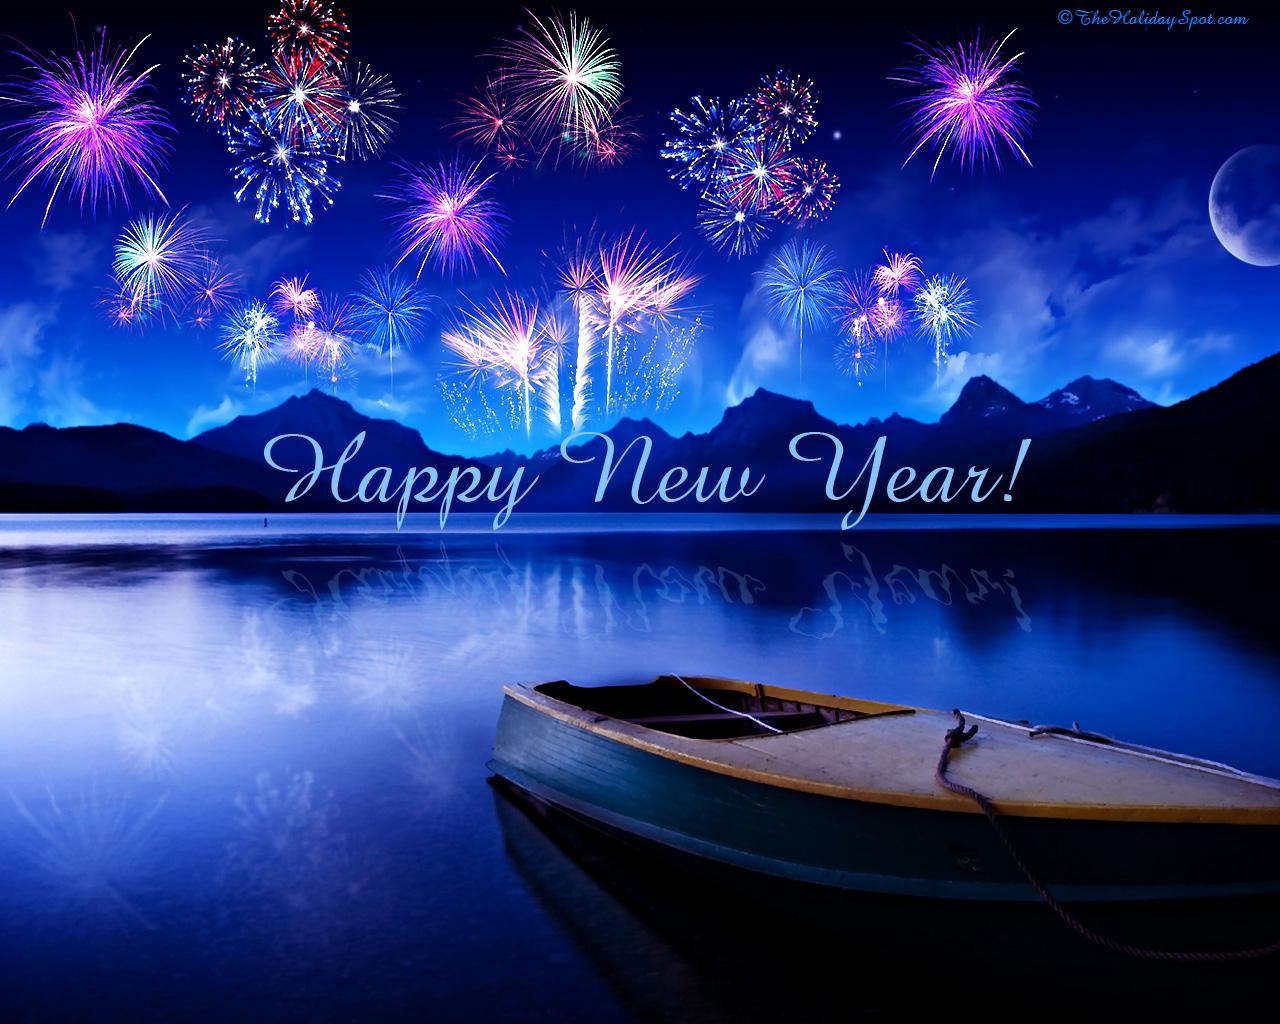 http://4.bp.blogspot.com/-i38kU0gfce8/ThUFpMuV7ZI/AAAAAAAAAuw/1aWDpi0V3xo/s1600/2011-New+Year+-Wallpaper_06.jpg